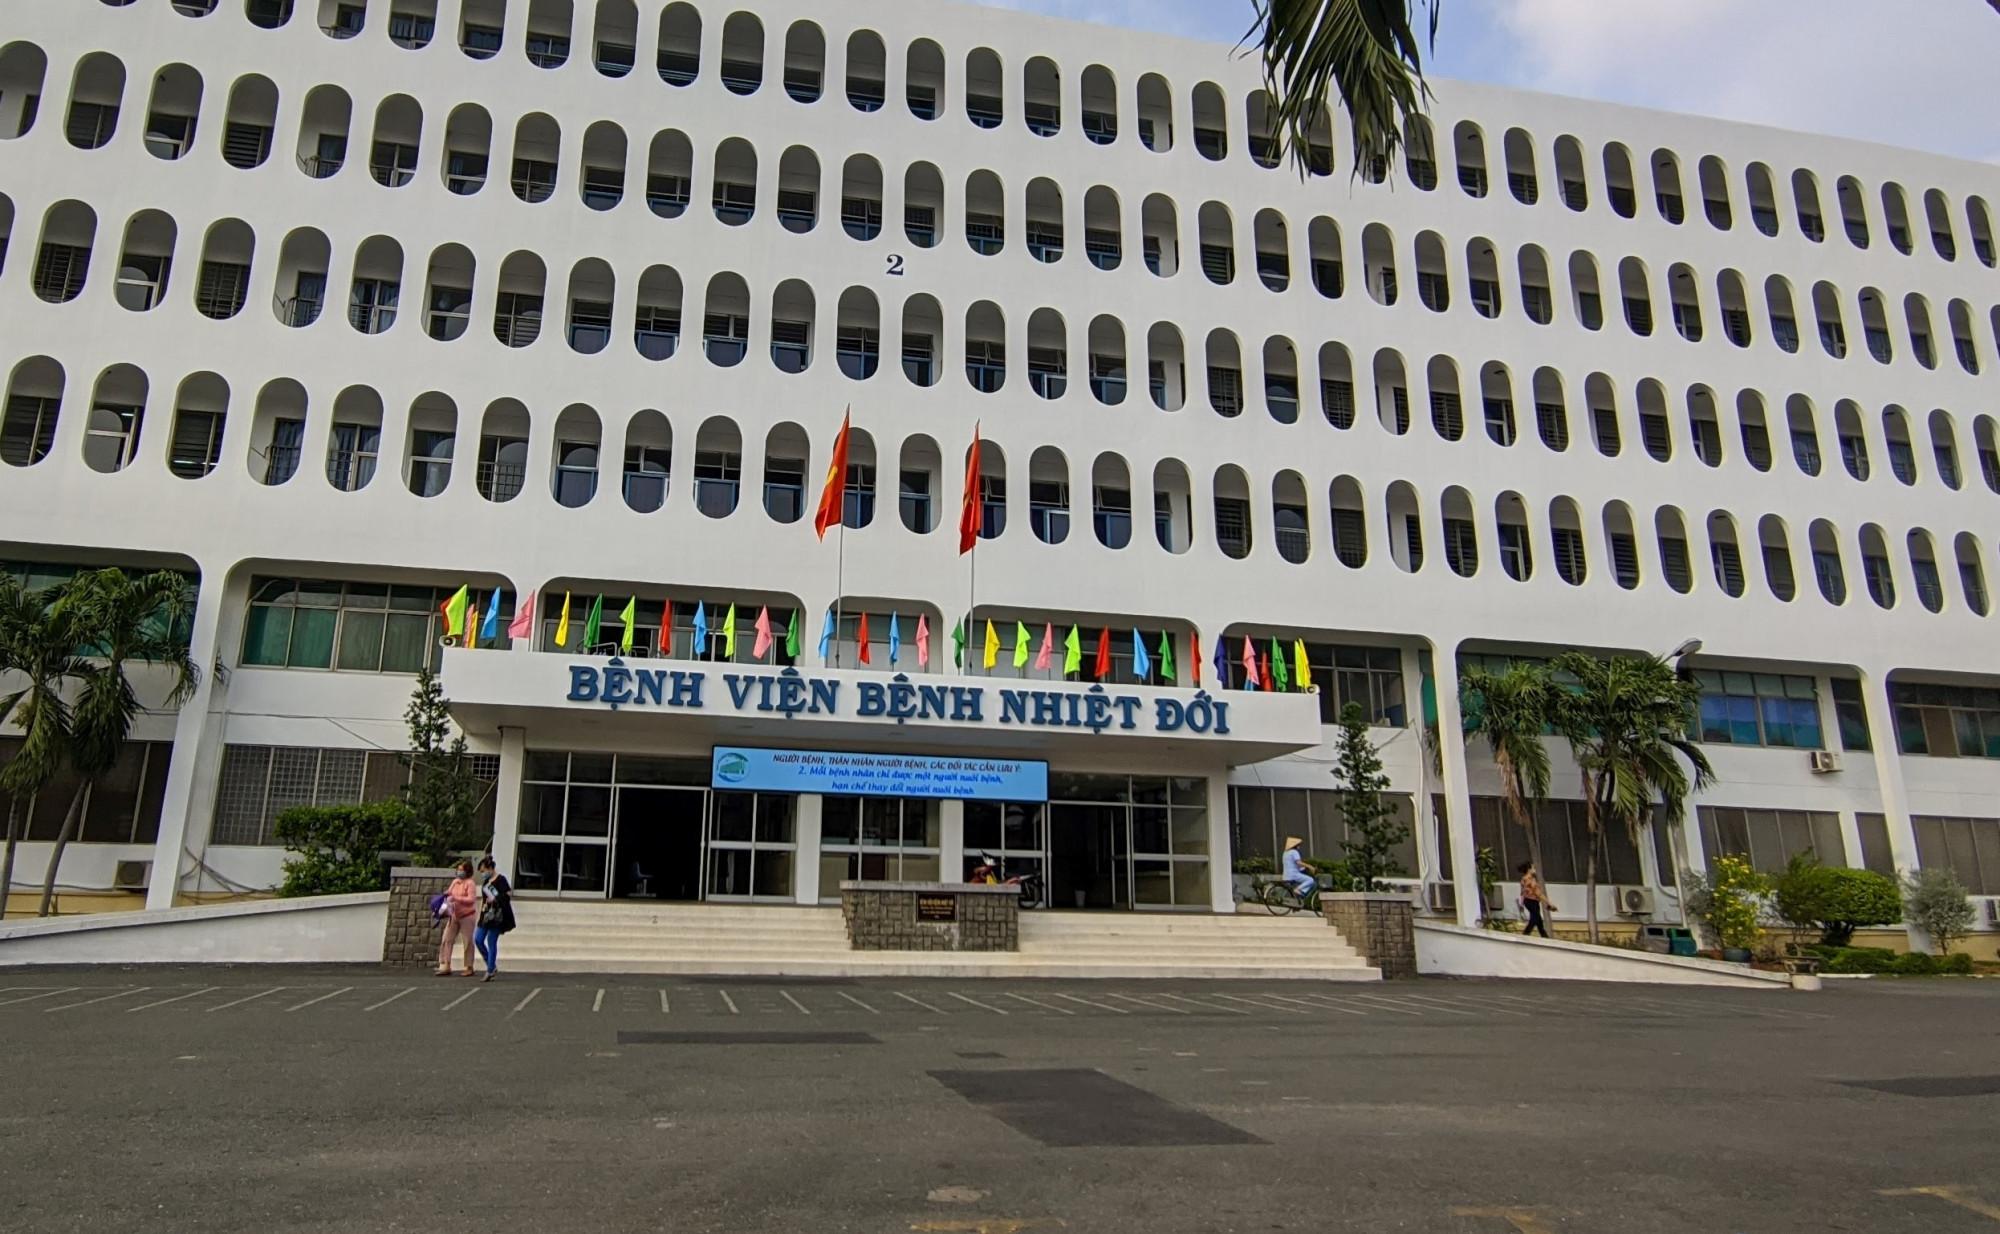 Bệnh viện Bệnh nhiệt đới TPHCM được giao nhiệm vụ là bệnh viện hồi sức chuyên sâu trong điều trị COVID-19